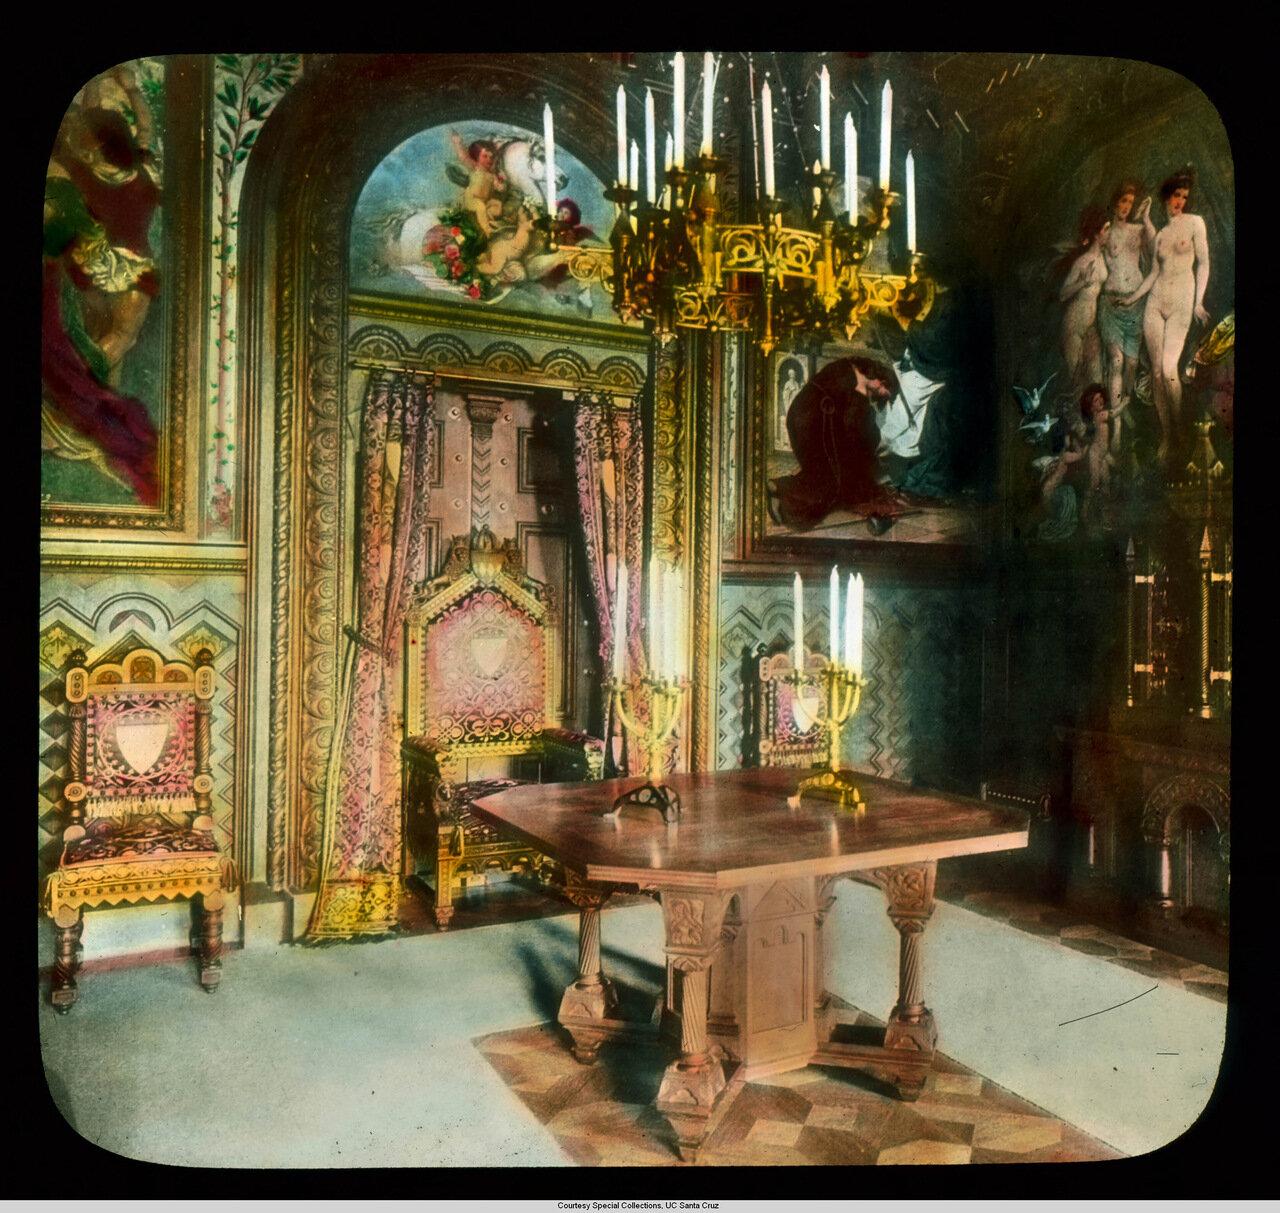 Бавария. Дворец Нойшванштайн. Комната с росписью стен на тему Тангейзера